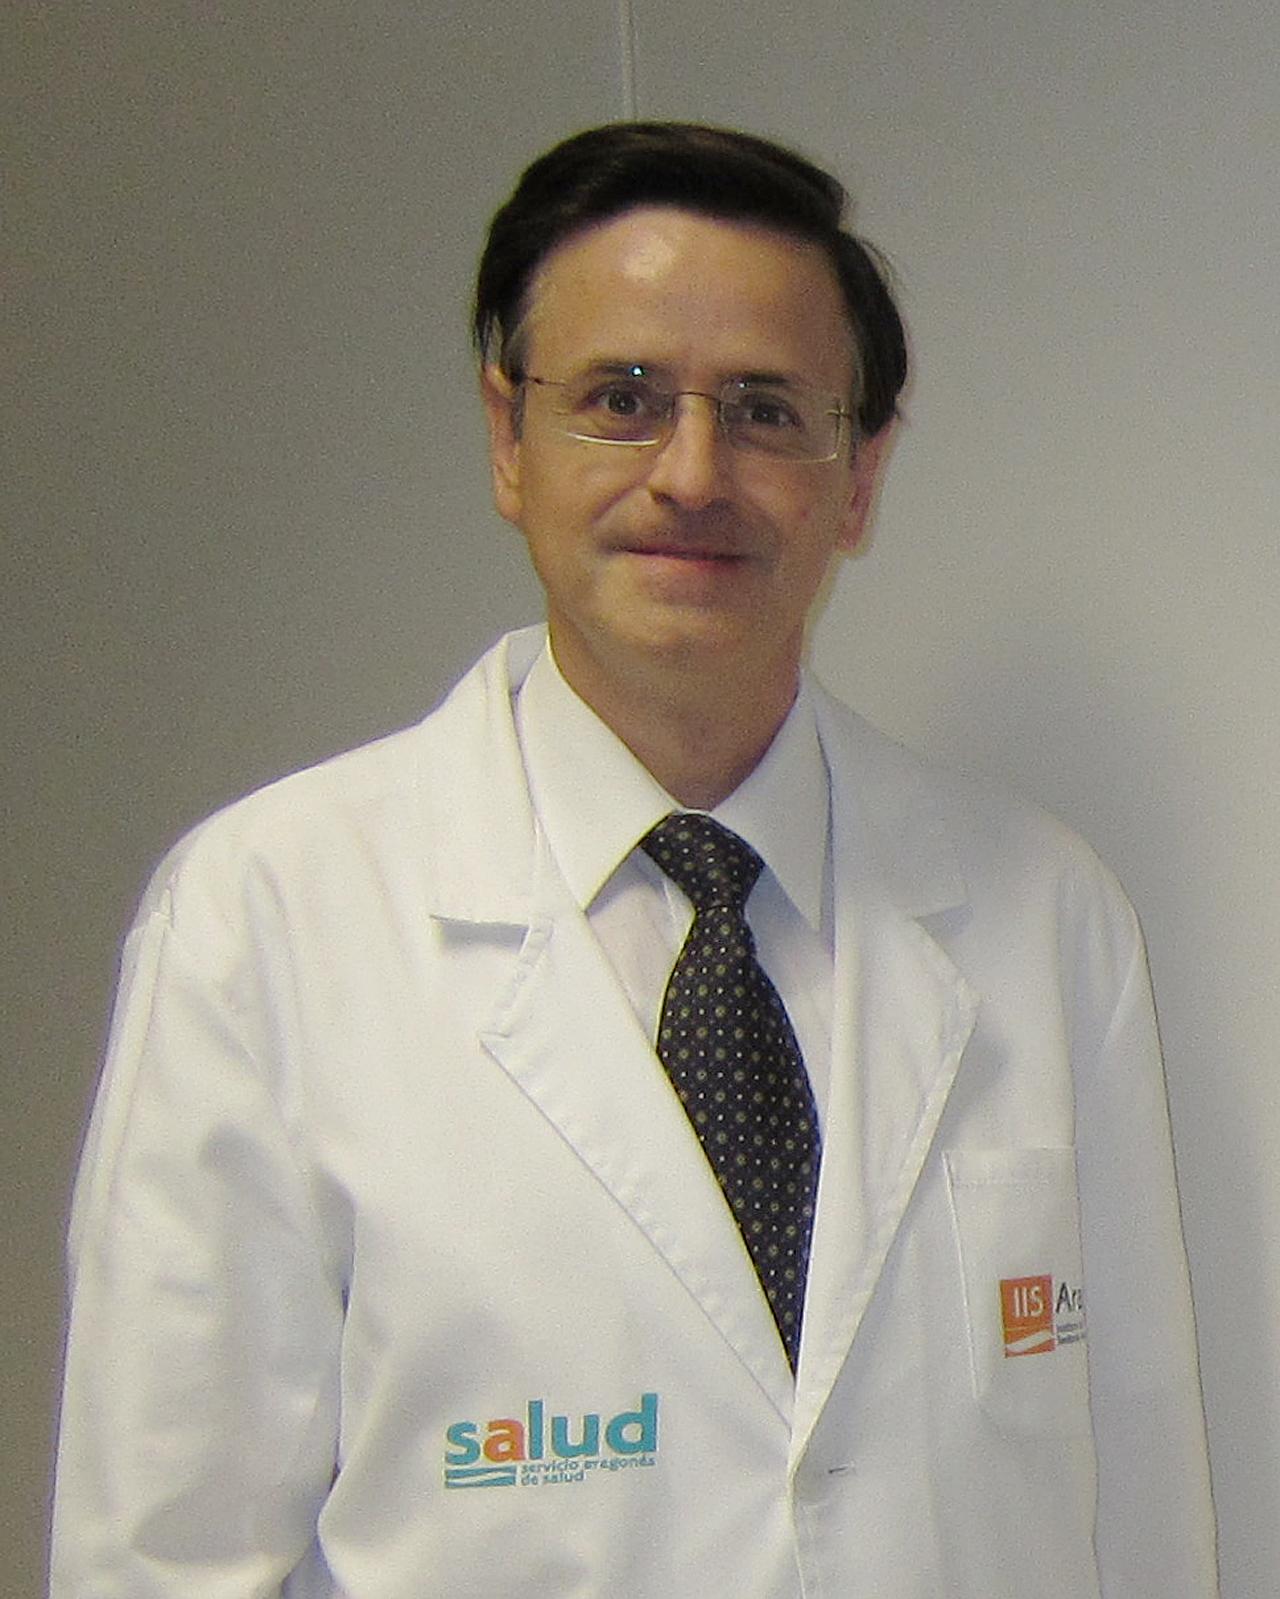 Mart�n Laclaustra, investigador de la Fundación Aragón Investigación y Desarrollo (Araid) en el Instituto de Investigación Sanitaria de Aragón (IIS-Aragón) y el Cibercv.